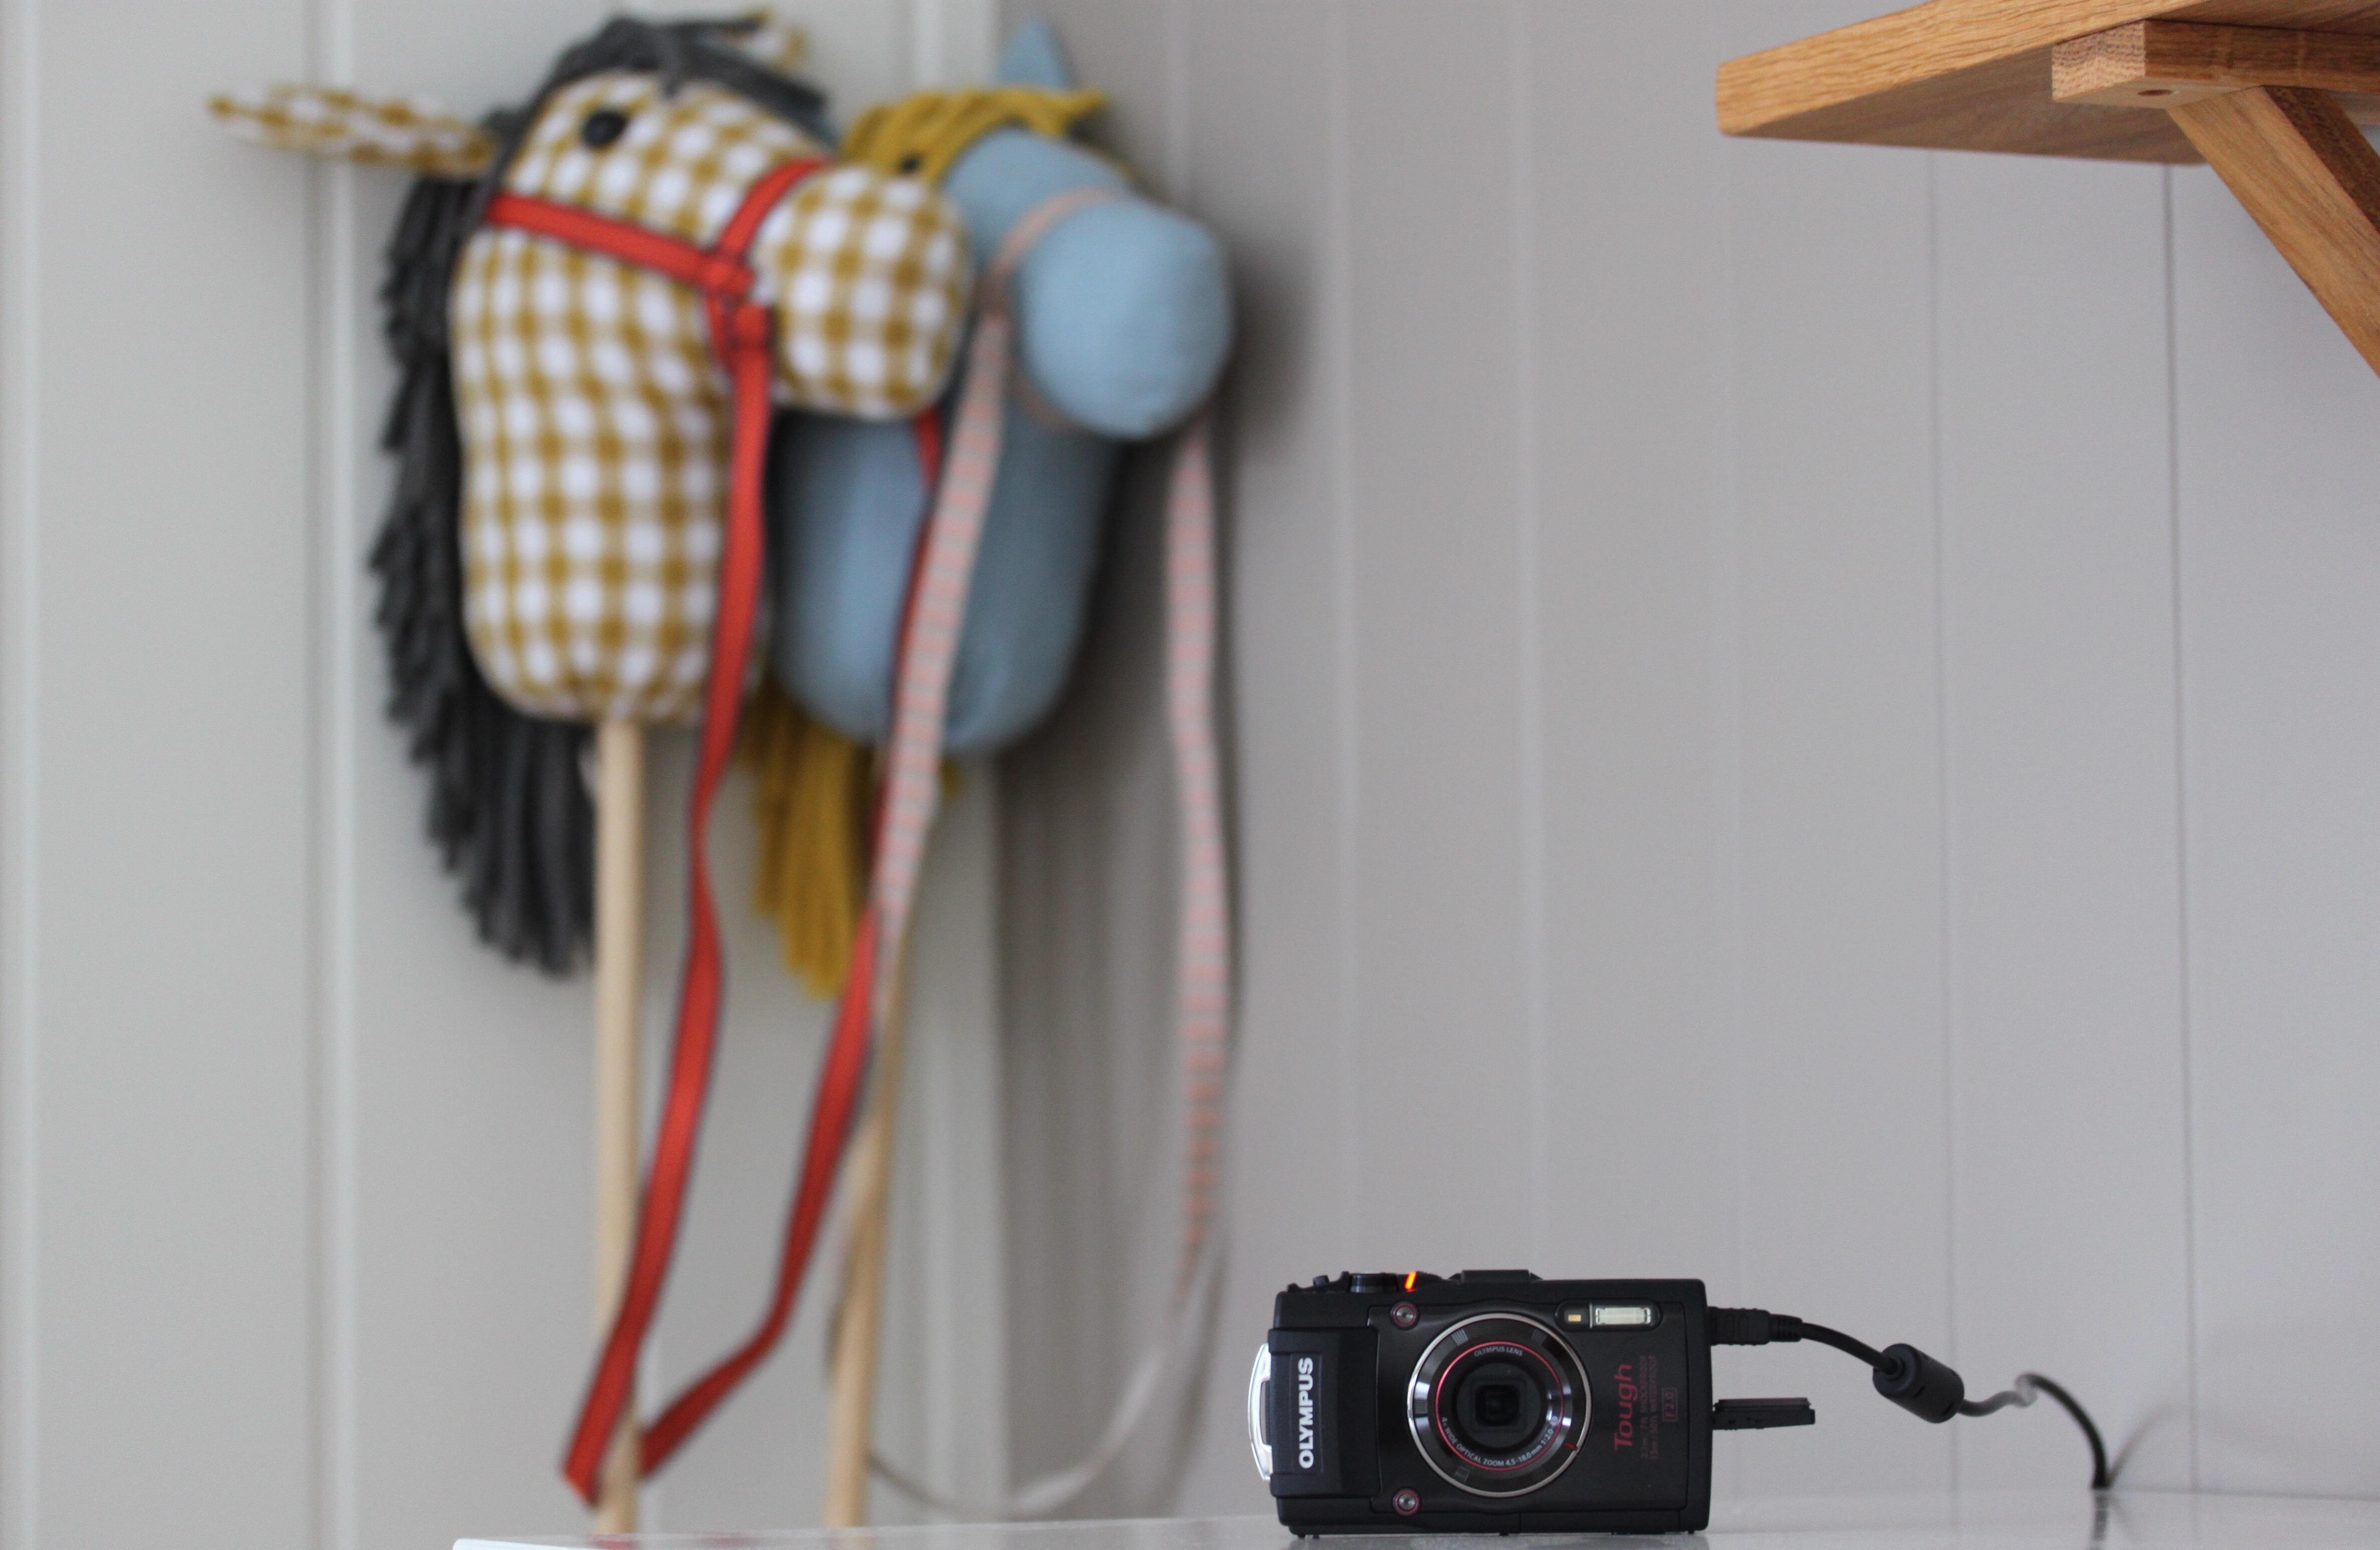 bae9eb97 Jeg har fått nytt kompaktkamera som ligger til lading, og jeg må jeg lese  meg opp på dette. Jeg liker ikke bruksanvisninger og tippper det blir mer  prøving ...